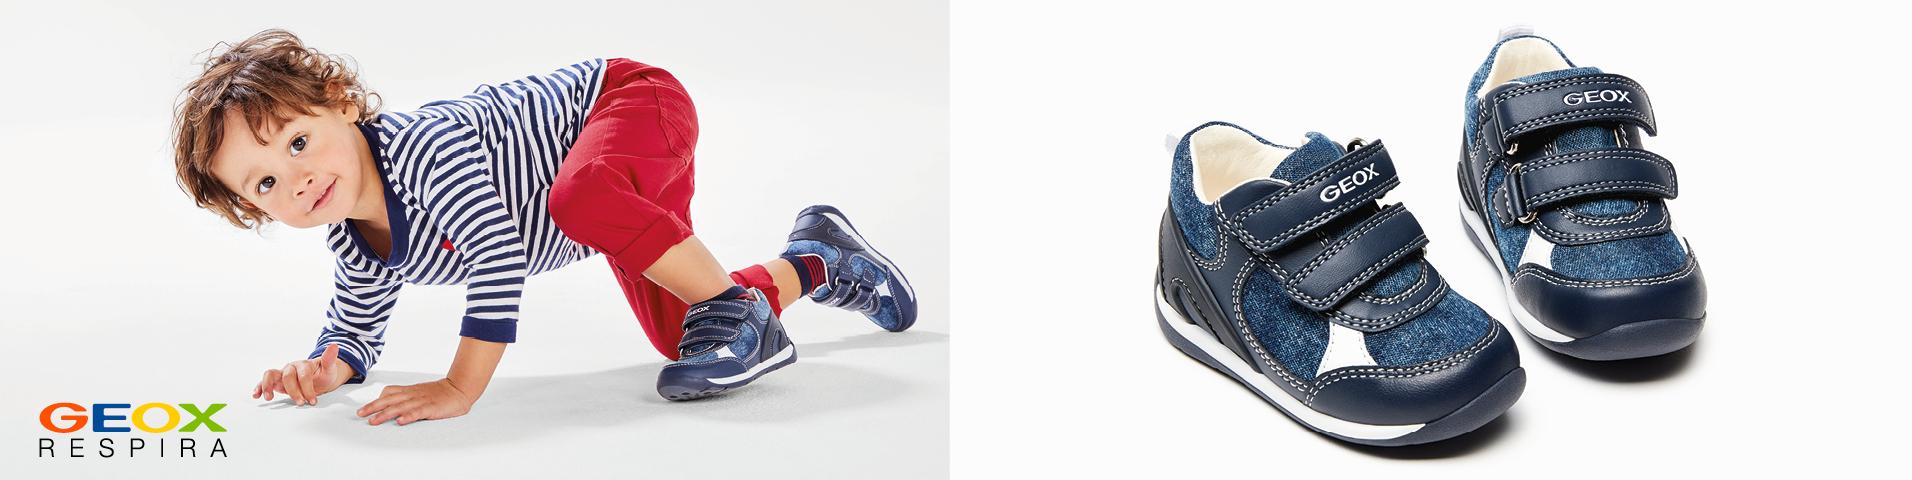 657a6c0a223b0 Chaussures enfant Geox en ligne sur la boutique Zalando